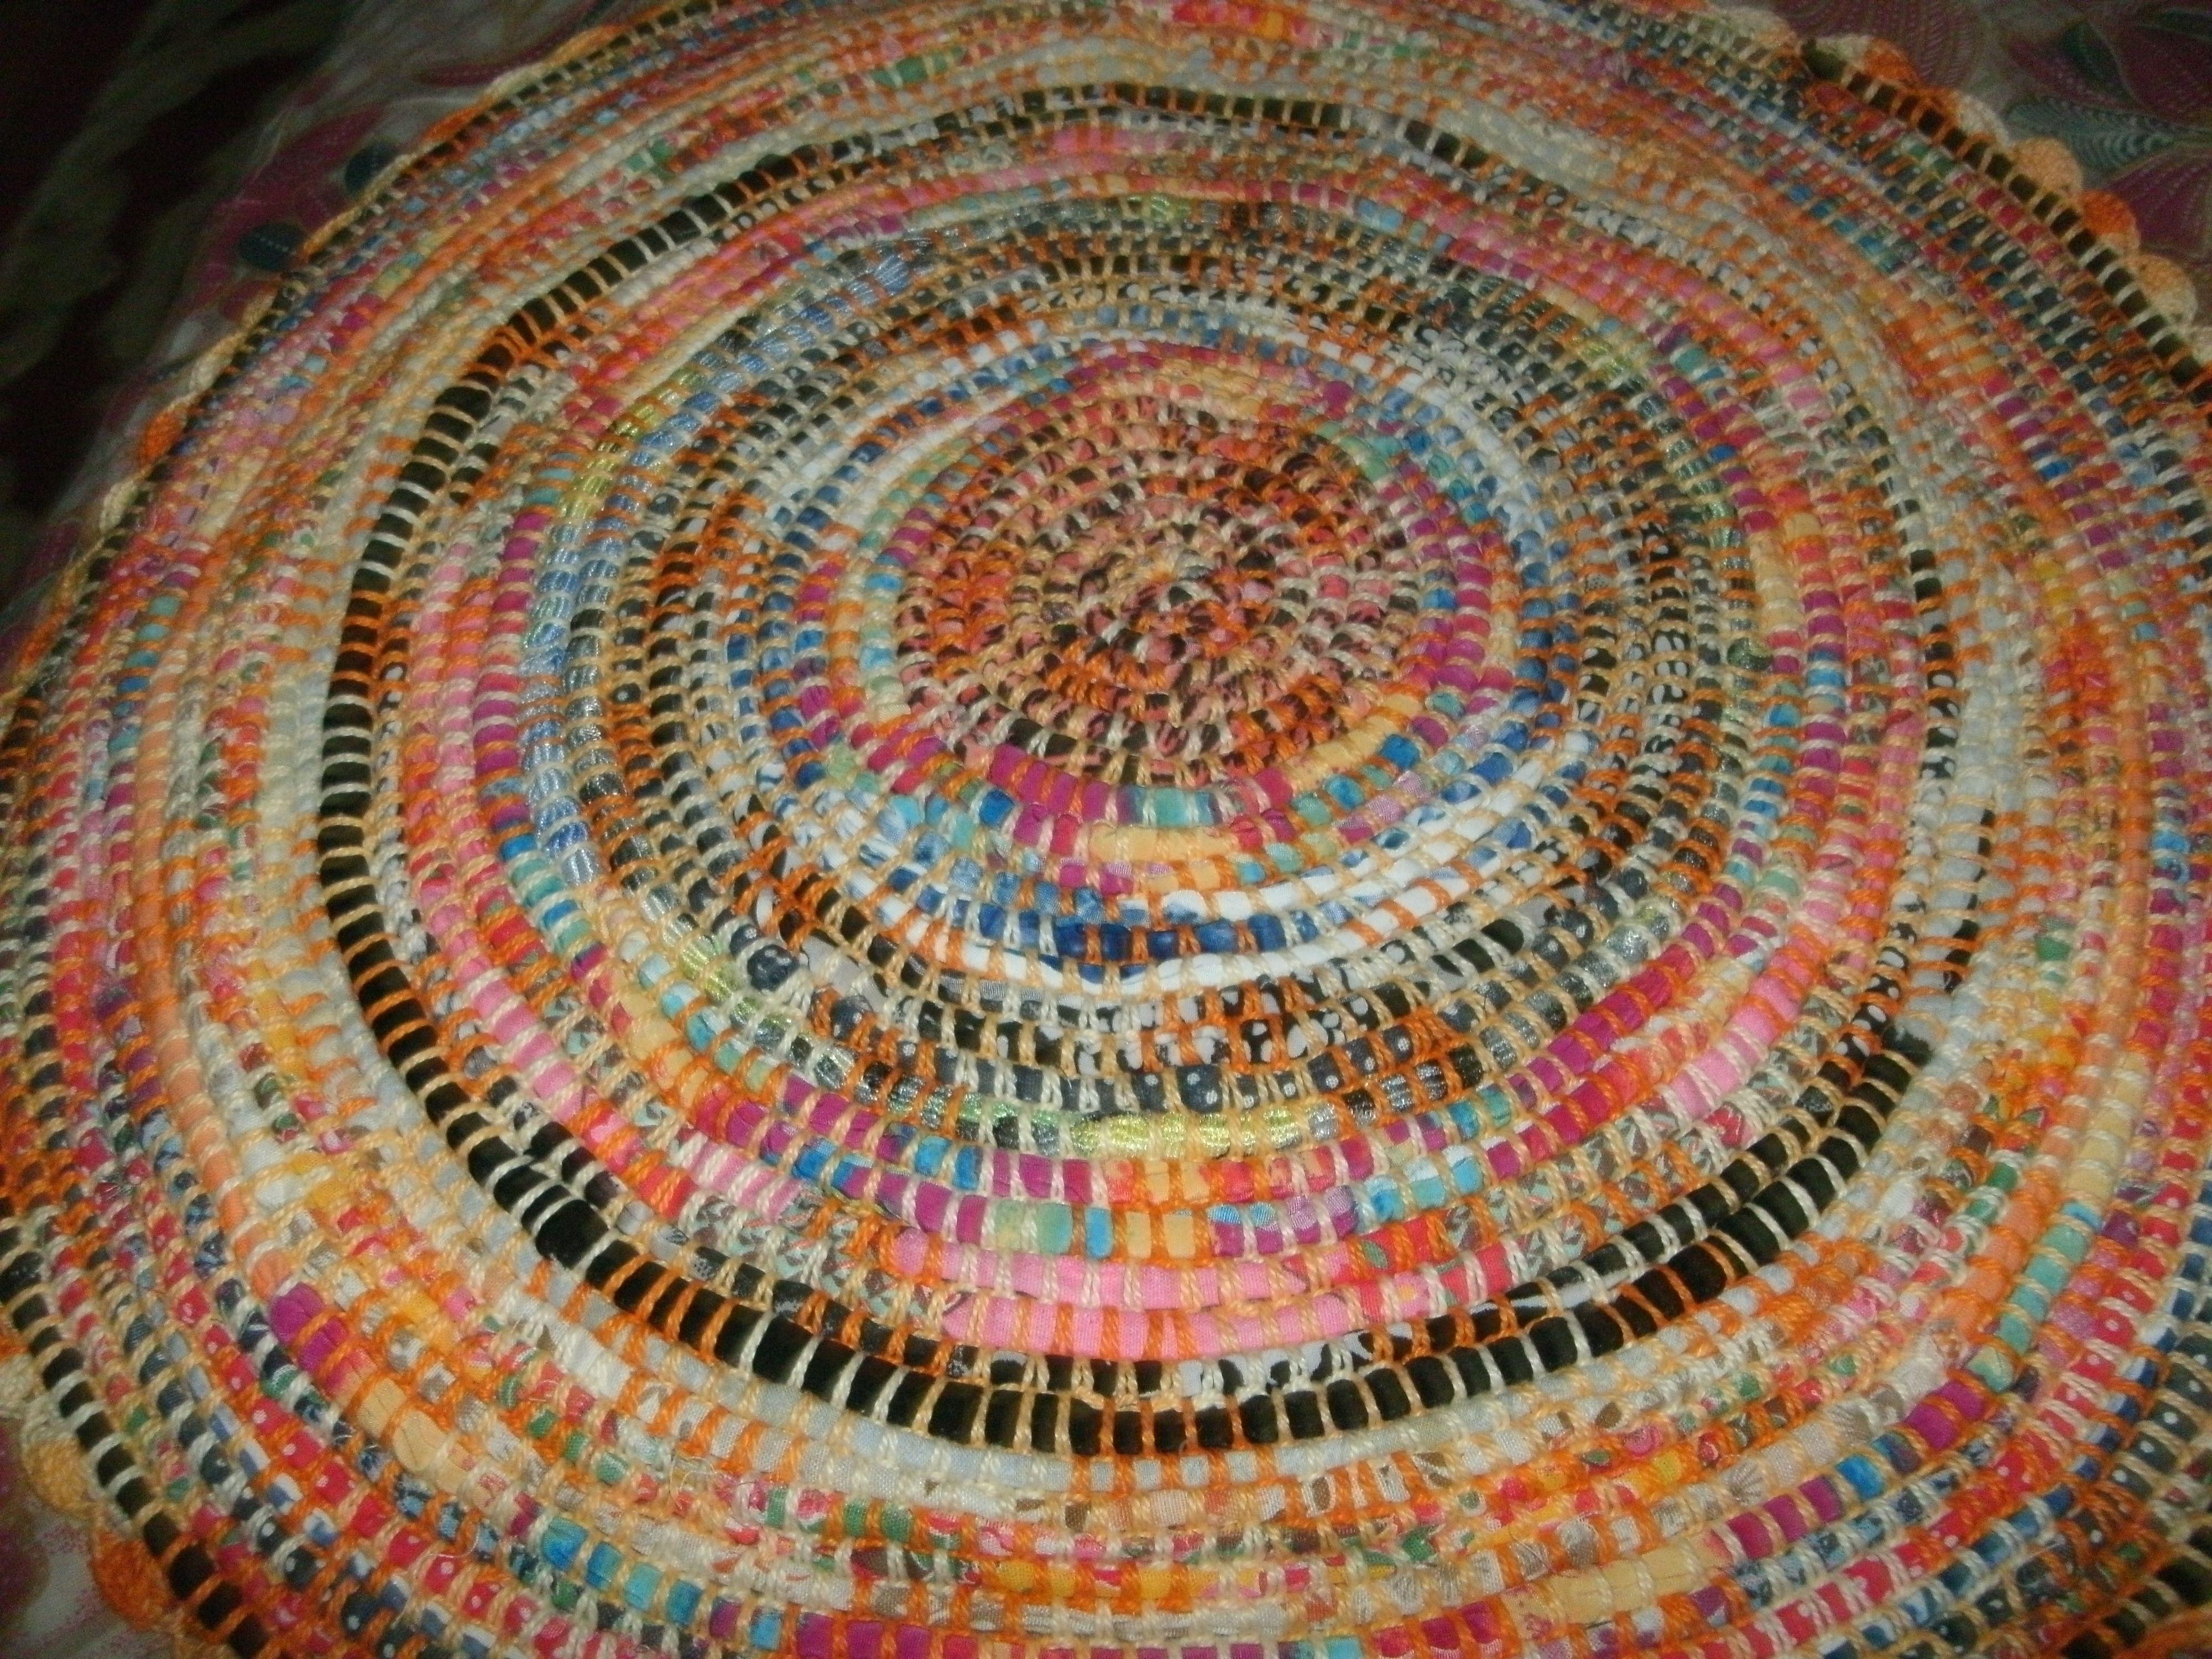 Centro de mesa com tecidos (reciclagem) inesmoreira60@hotmail.com